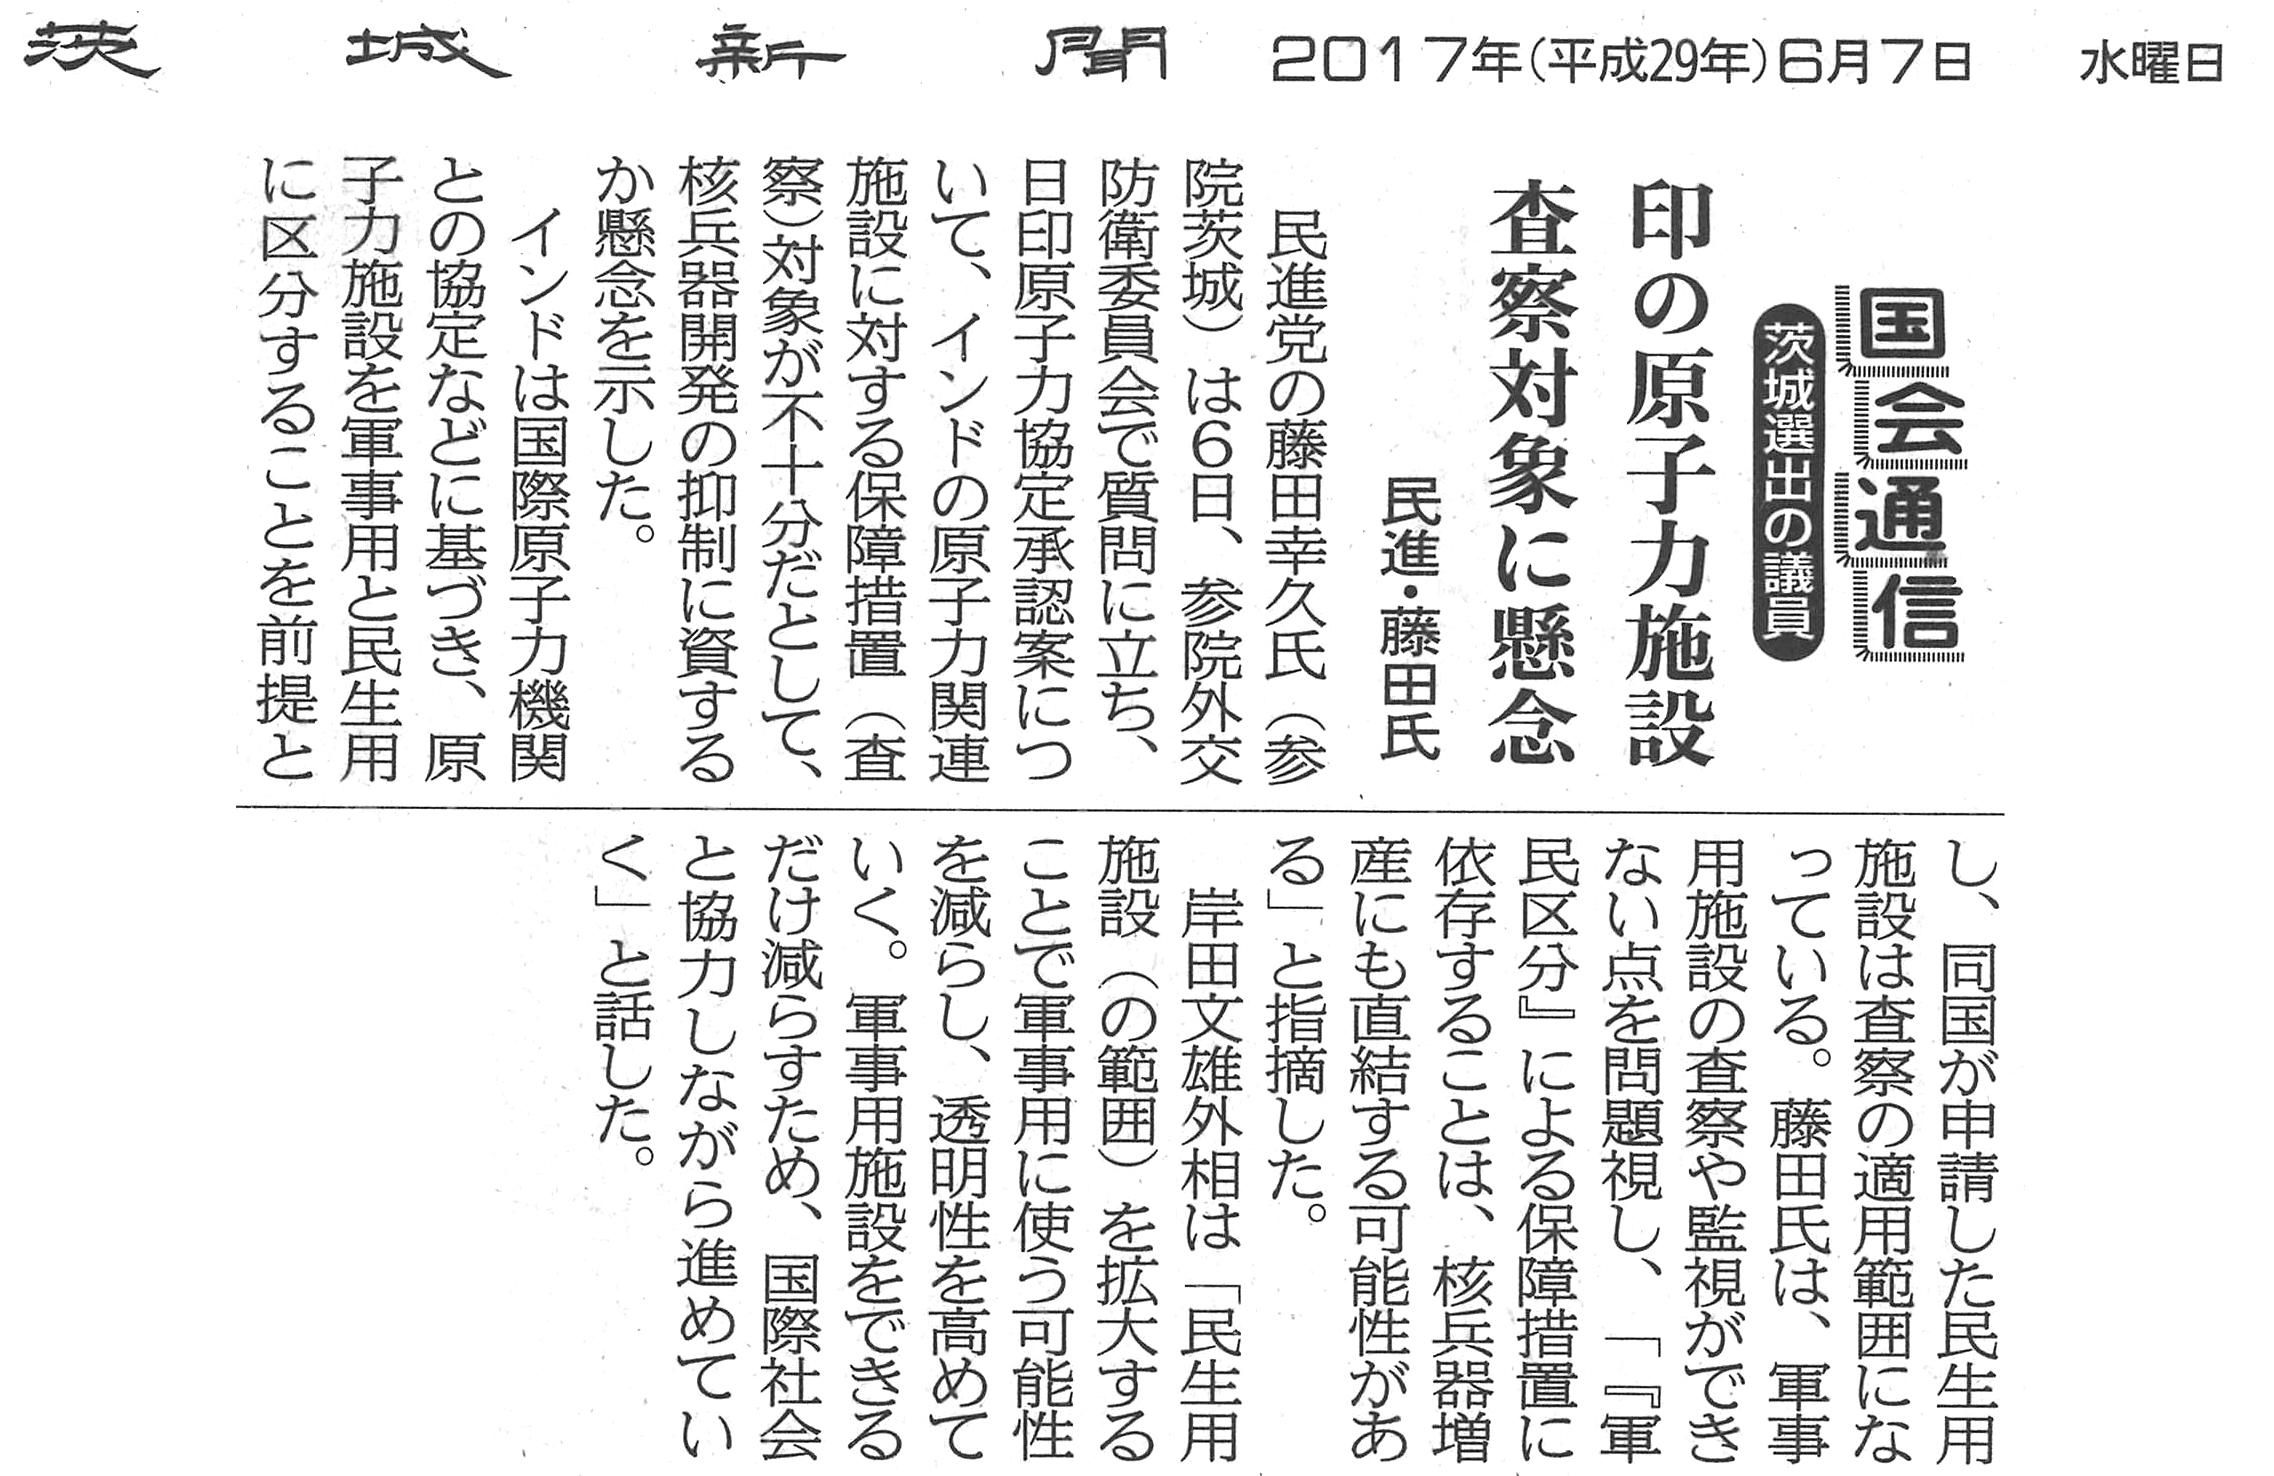 【茨城新聞】国会通信 印の原子力施設 査察対象に懸念